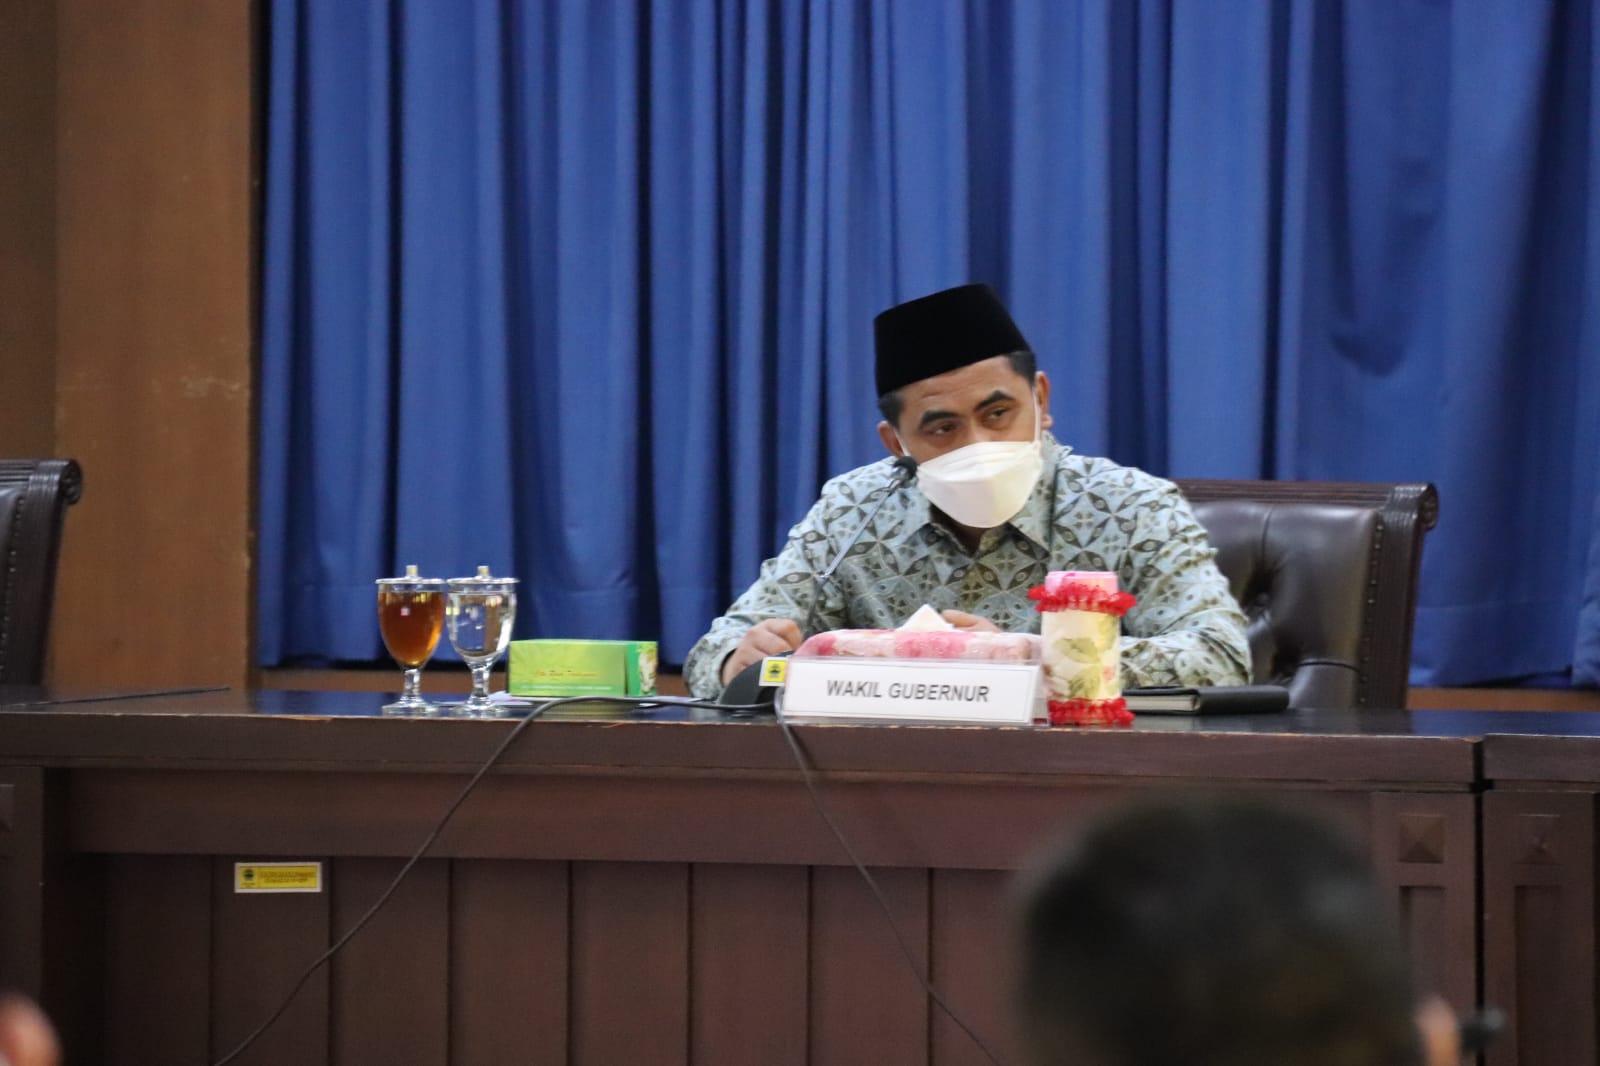 Wagub Saat menghadiri Rapat Rencana Aksi Penanganan Anak Yatim Piatu Terdampak Covid-19 di Kantor Pemerintah Provinsi Jawa Tengah. FOTO: Tim H-2/Lingkar.co